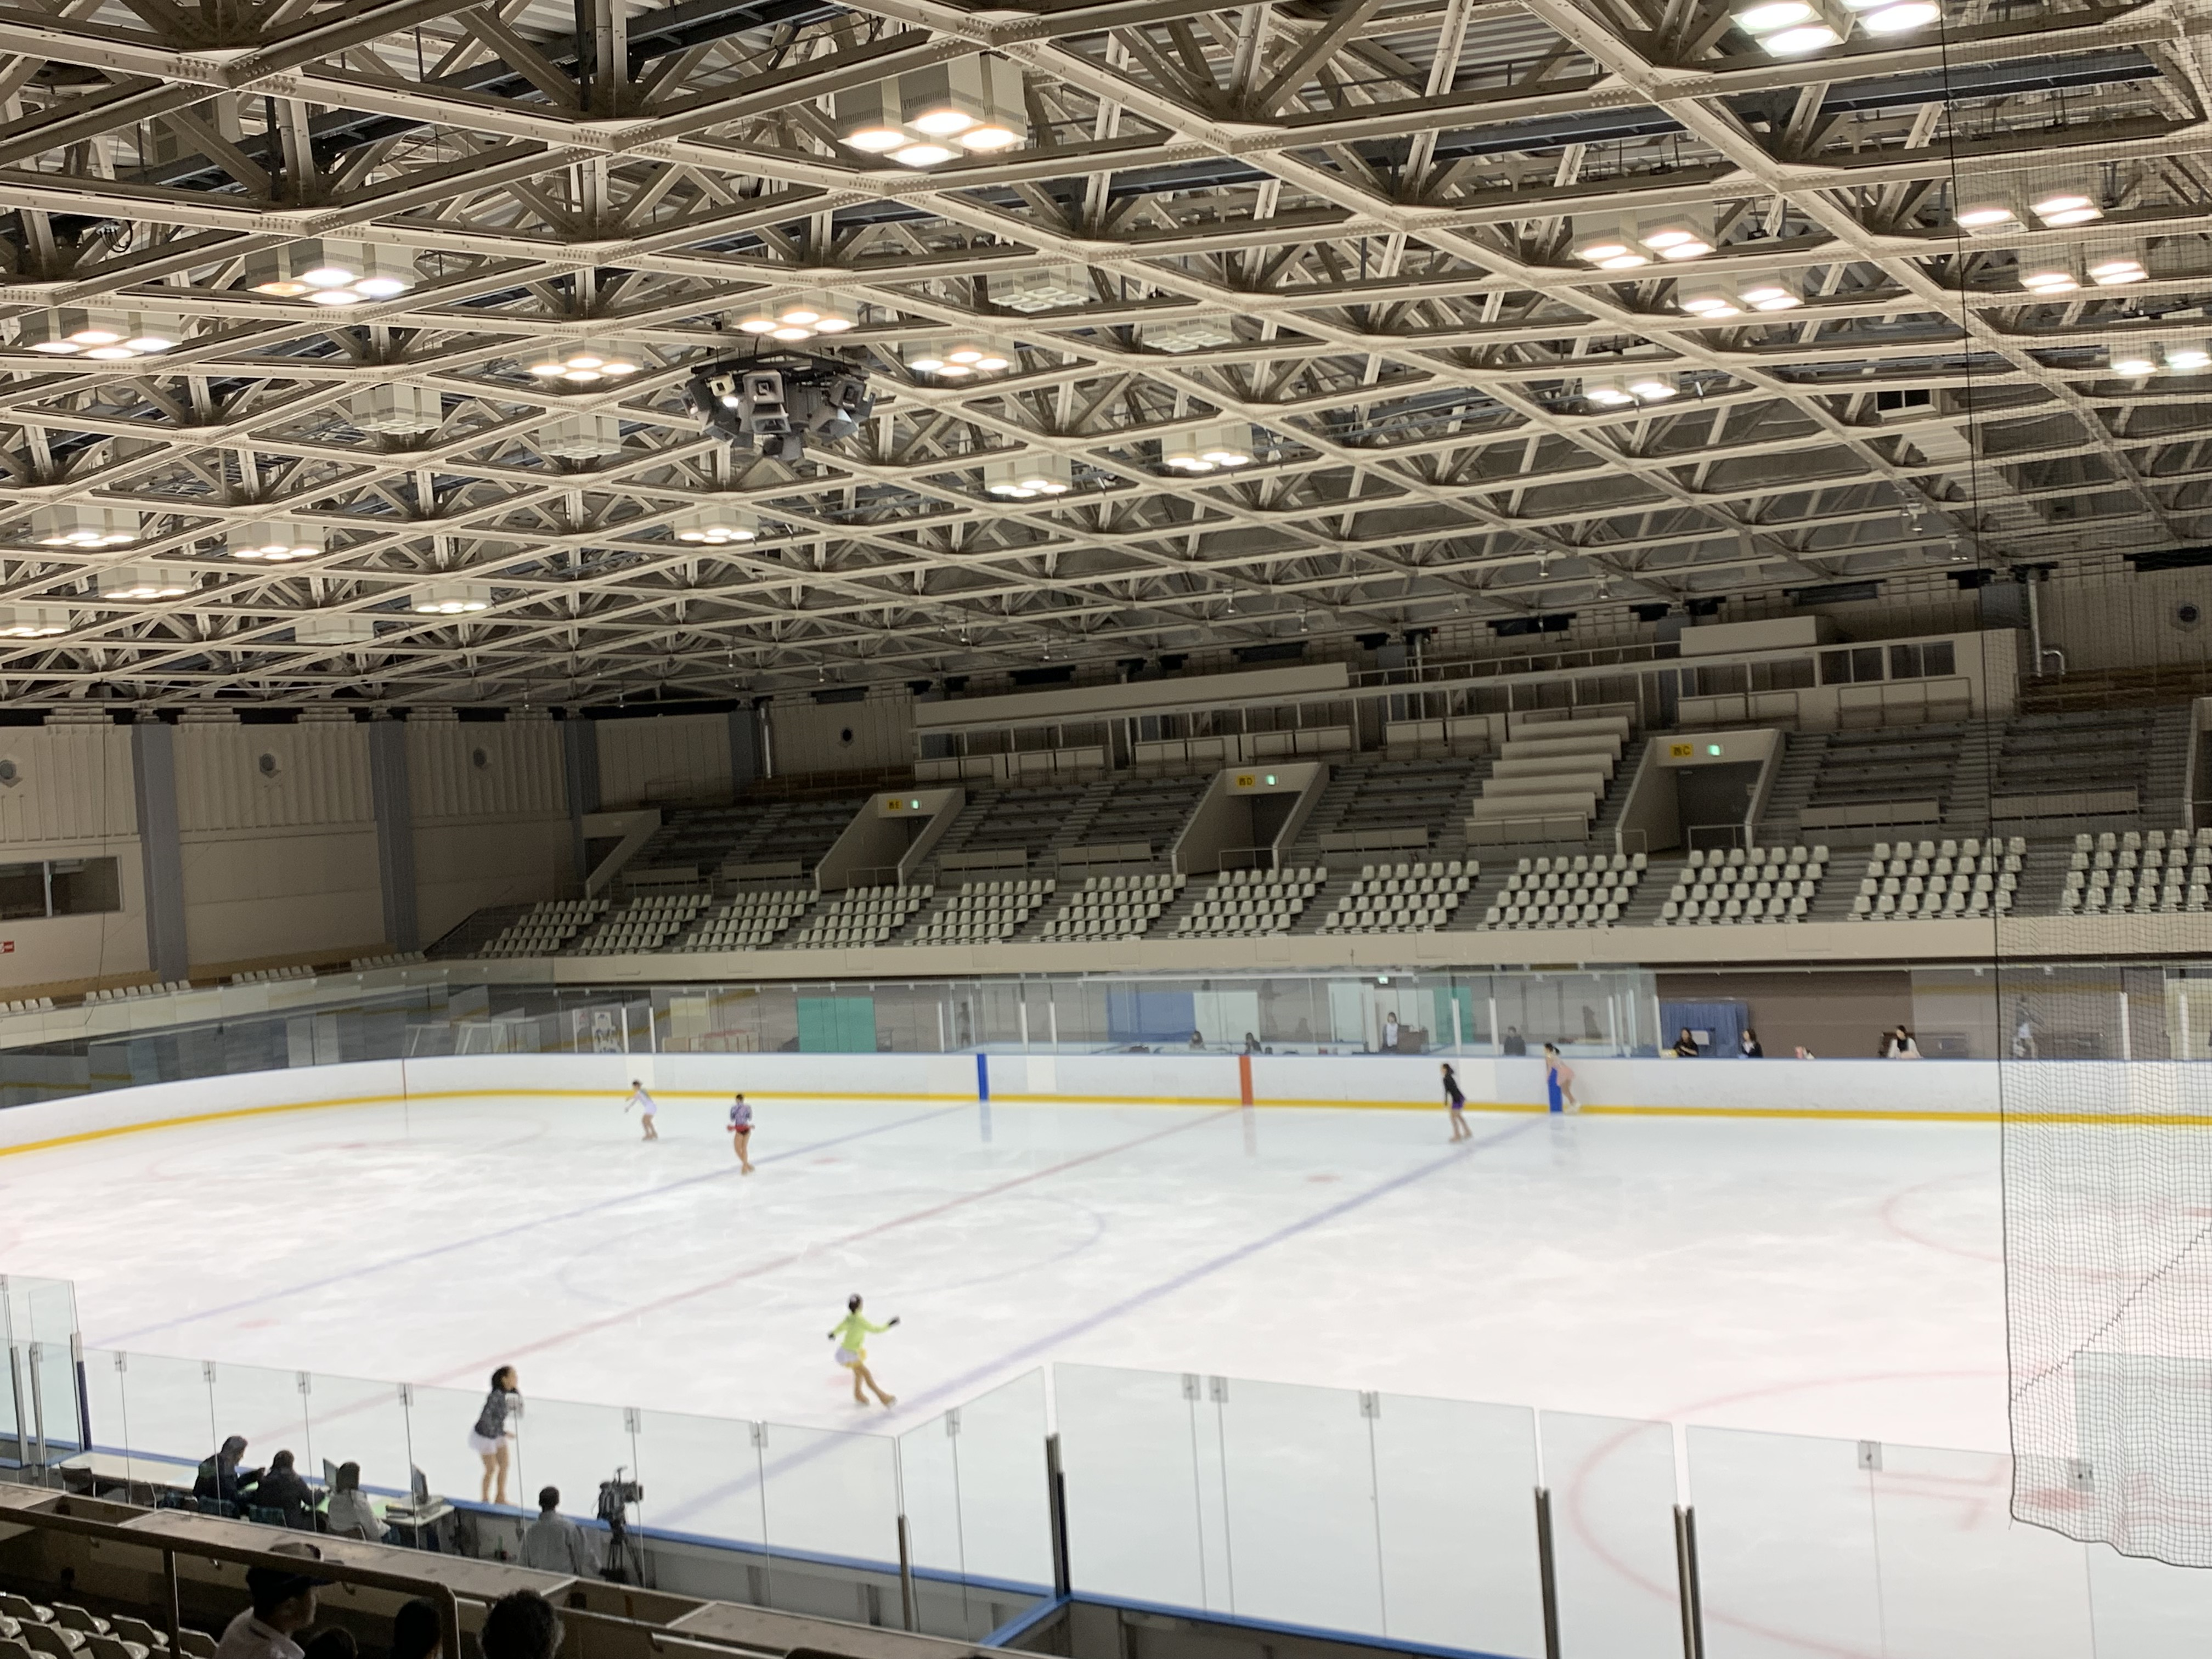 フィギュアスケート(第43回札幌フィギュアスケート選手権大会 兼 2019 SAPPORO CUP)